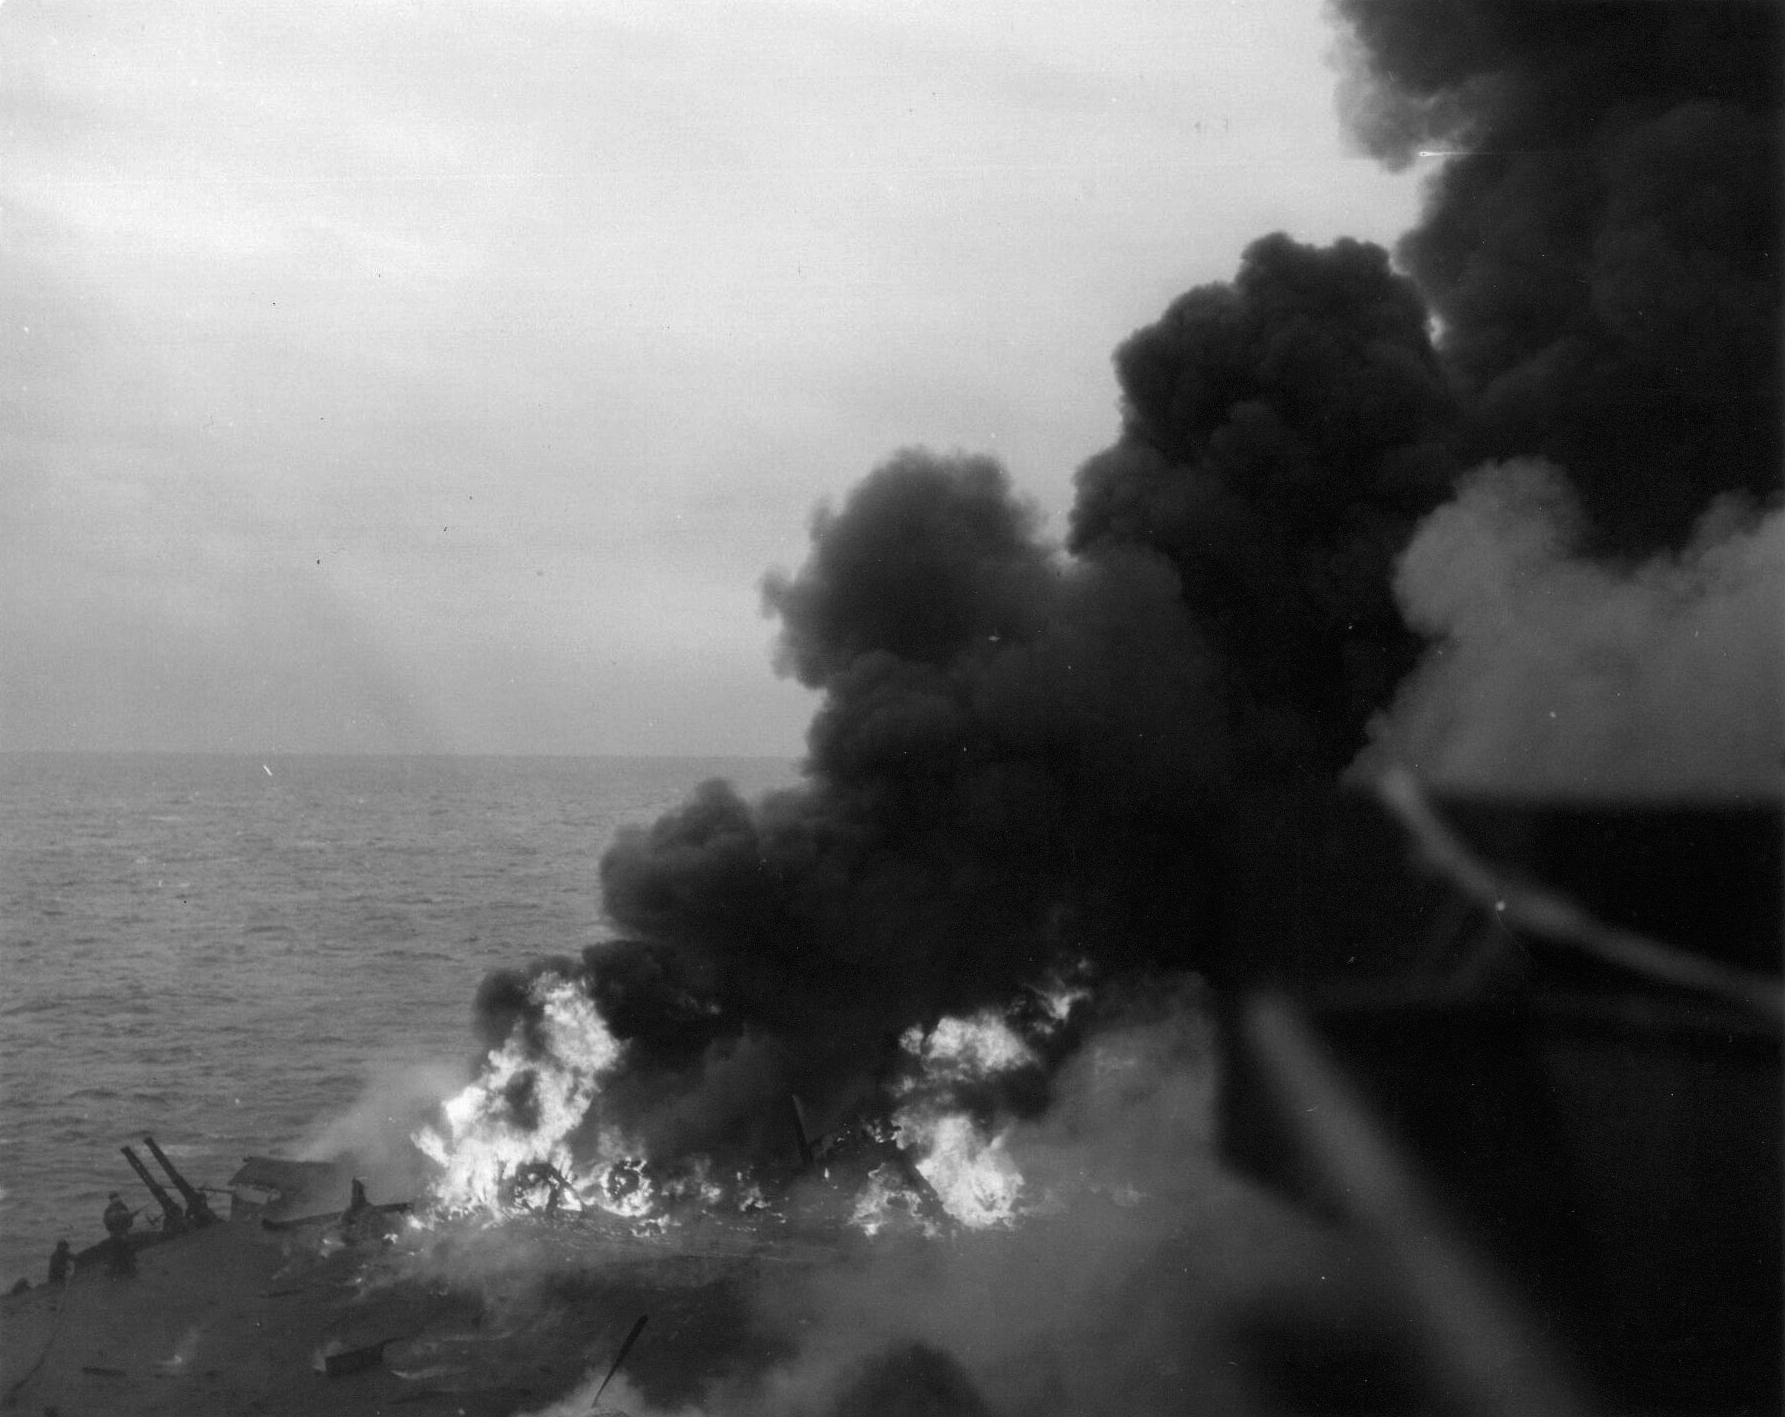 Grumman F6F 5 Hellcat VF 53 White 59 during kamikaze attack CV 3 USS Saratoga 21st Feb 1945 05